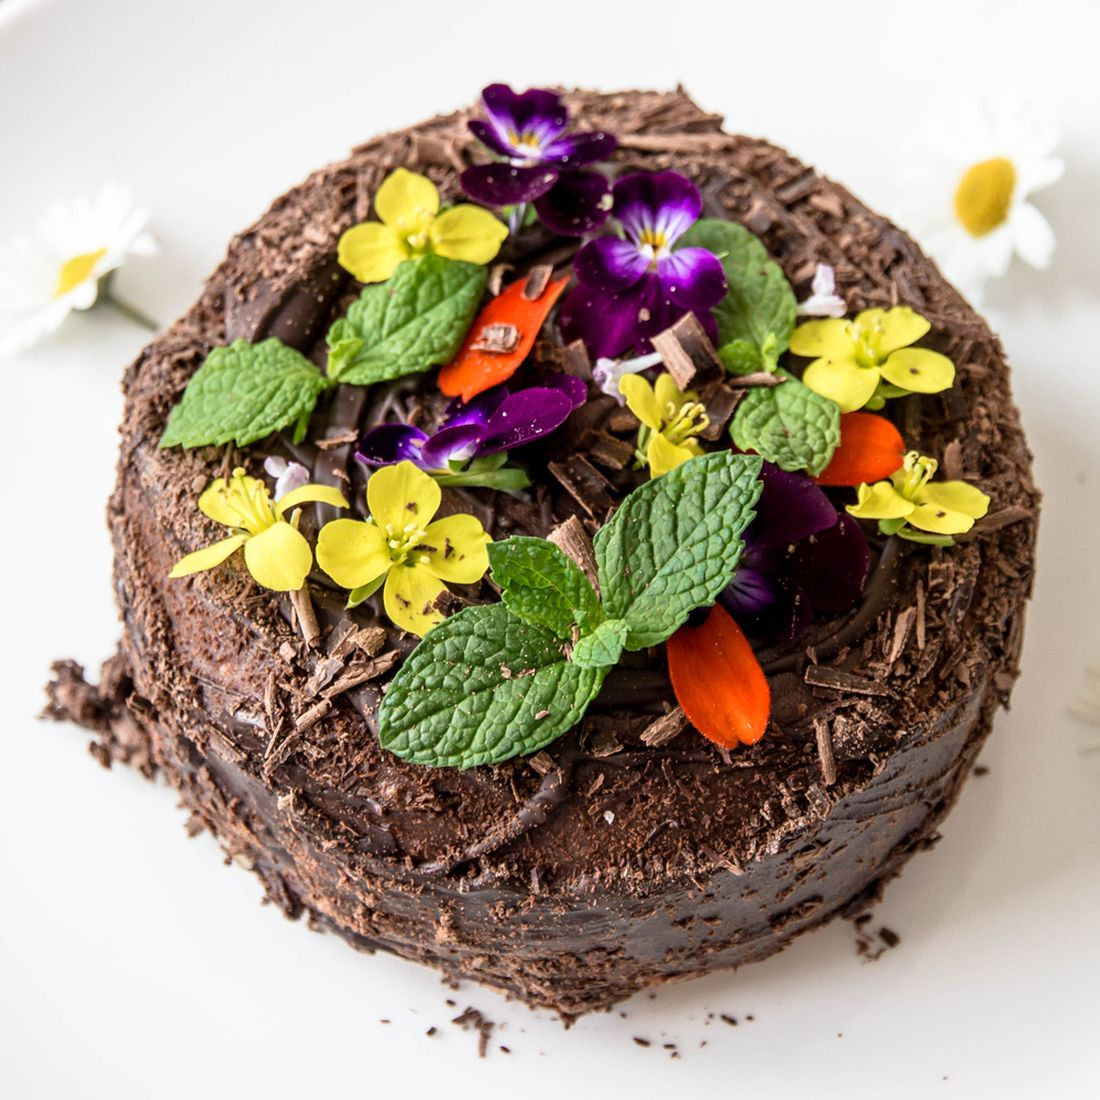 cokoladovy-dort-s-listky-maty-a-jedlymi-kvety.jpg